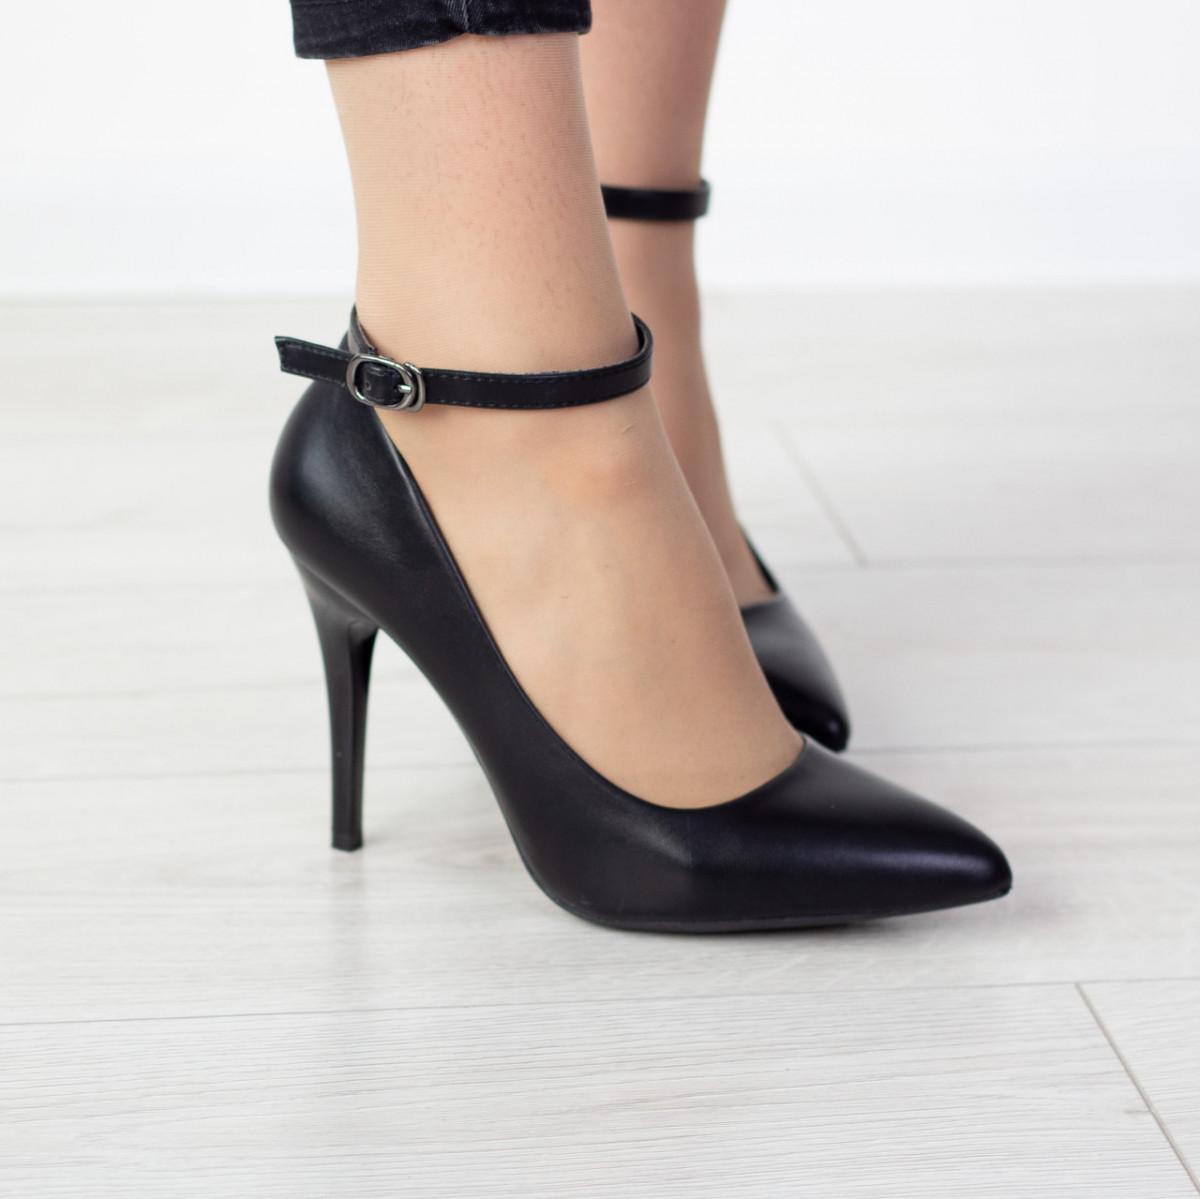 Туфли женские Fashion Bridget 2537 38 размер 24,5 см Черный